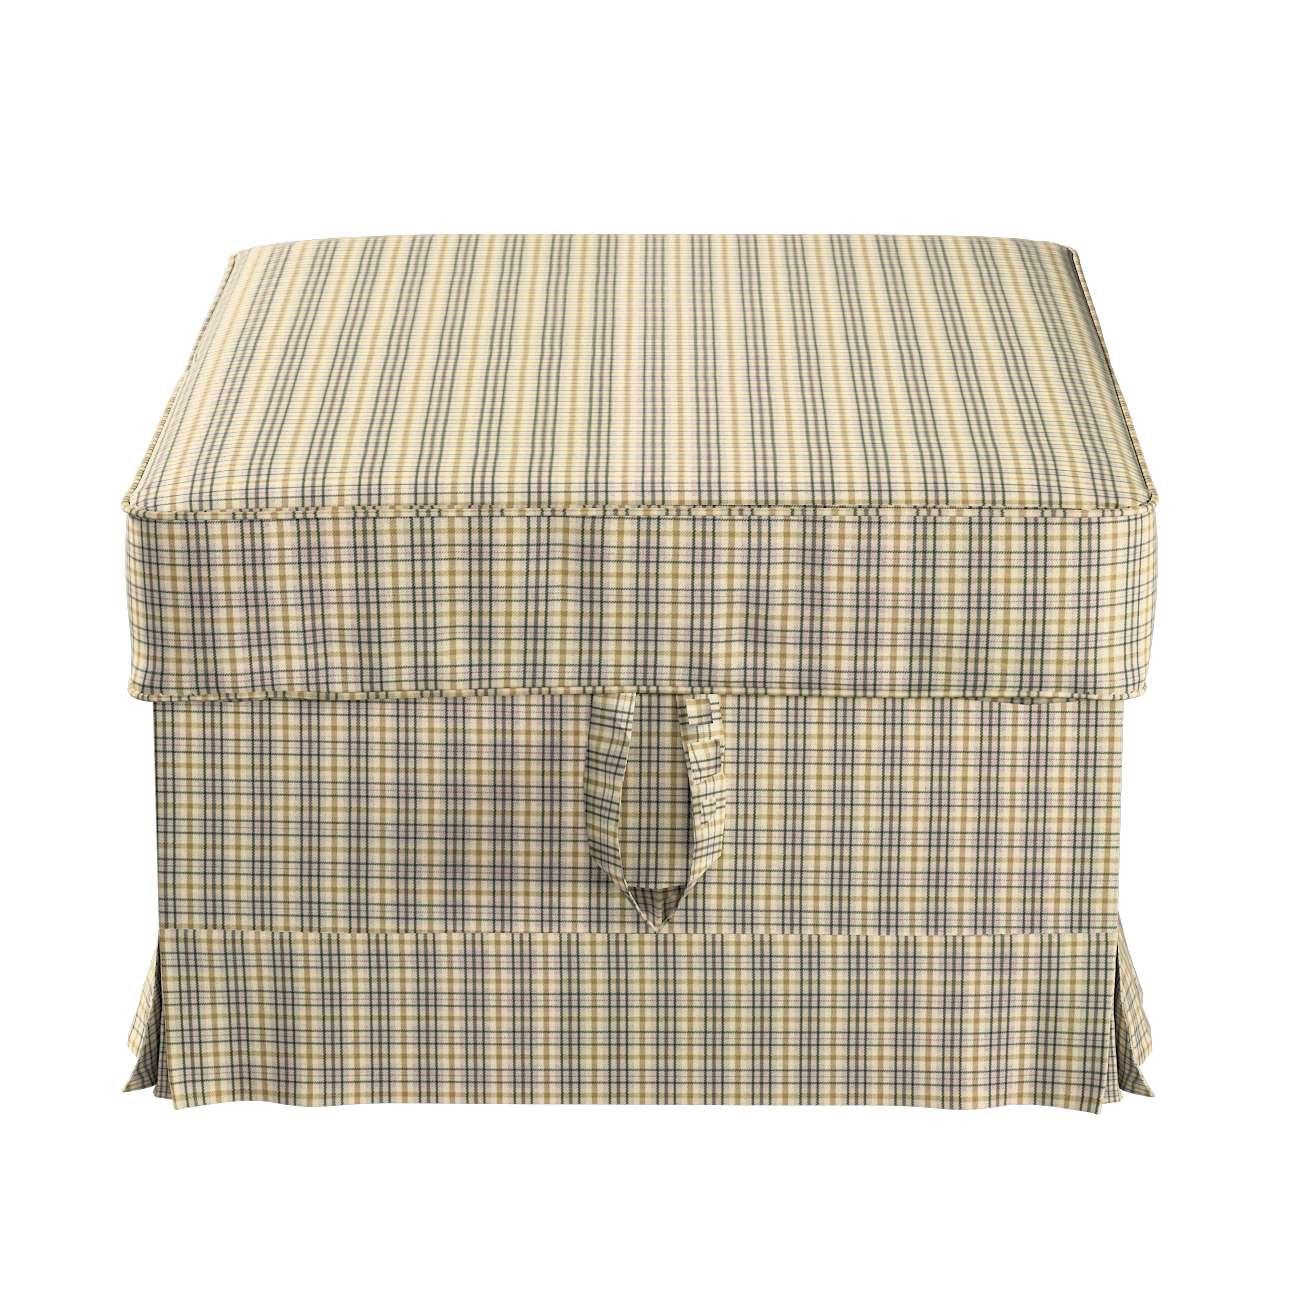 Pokrowiec na podnóżek Ektorp Bromma w kolekcji Londres, tkanina: 143-39